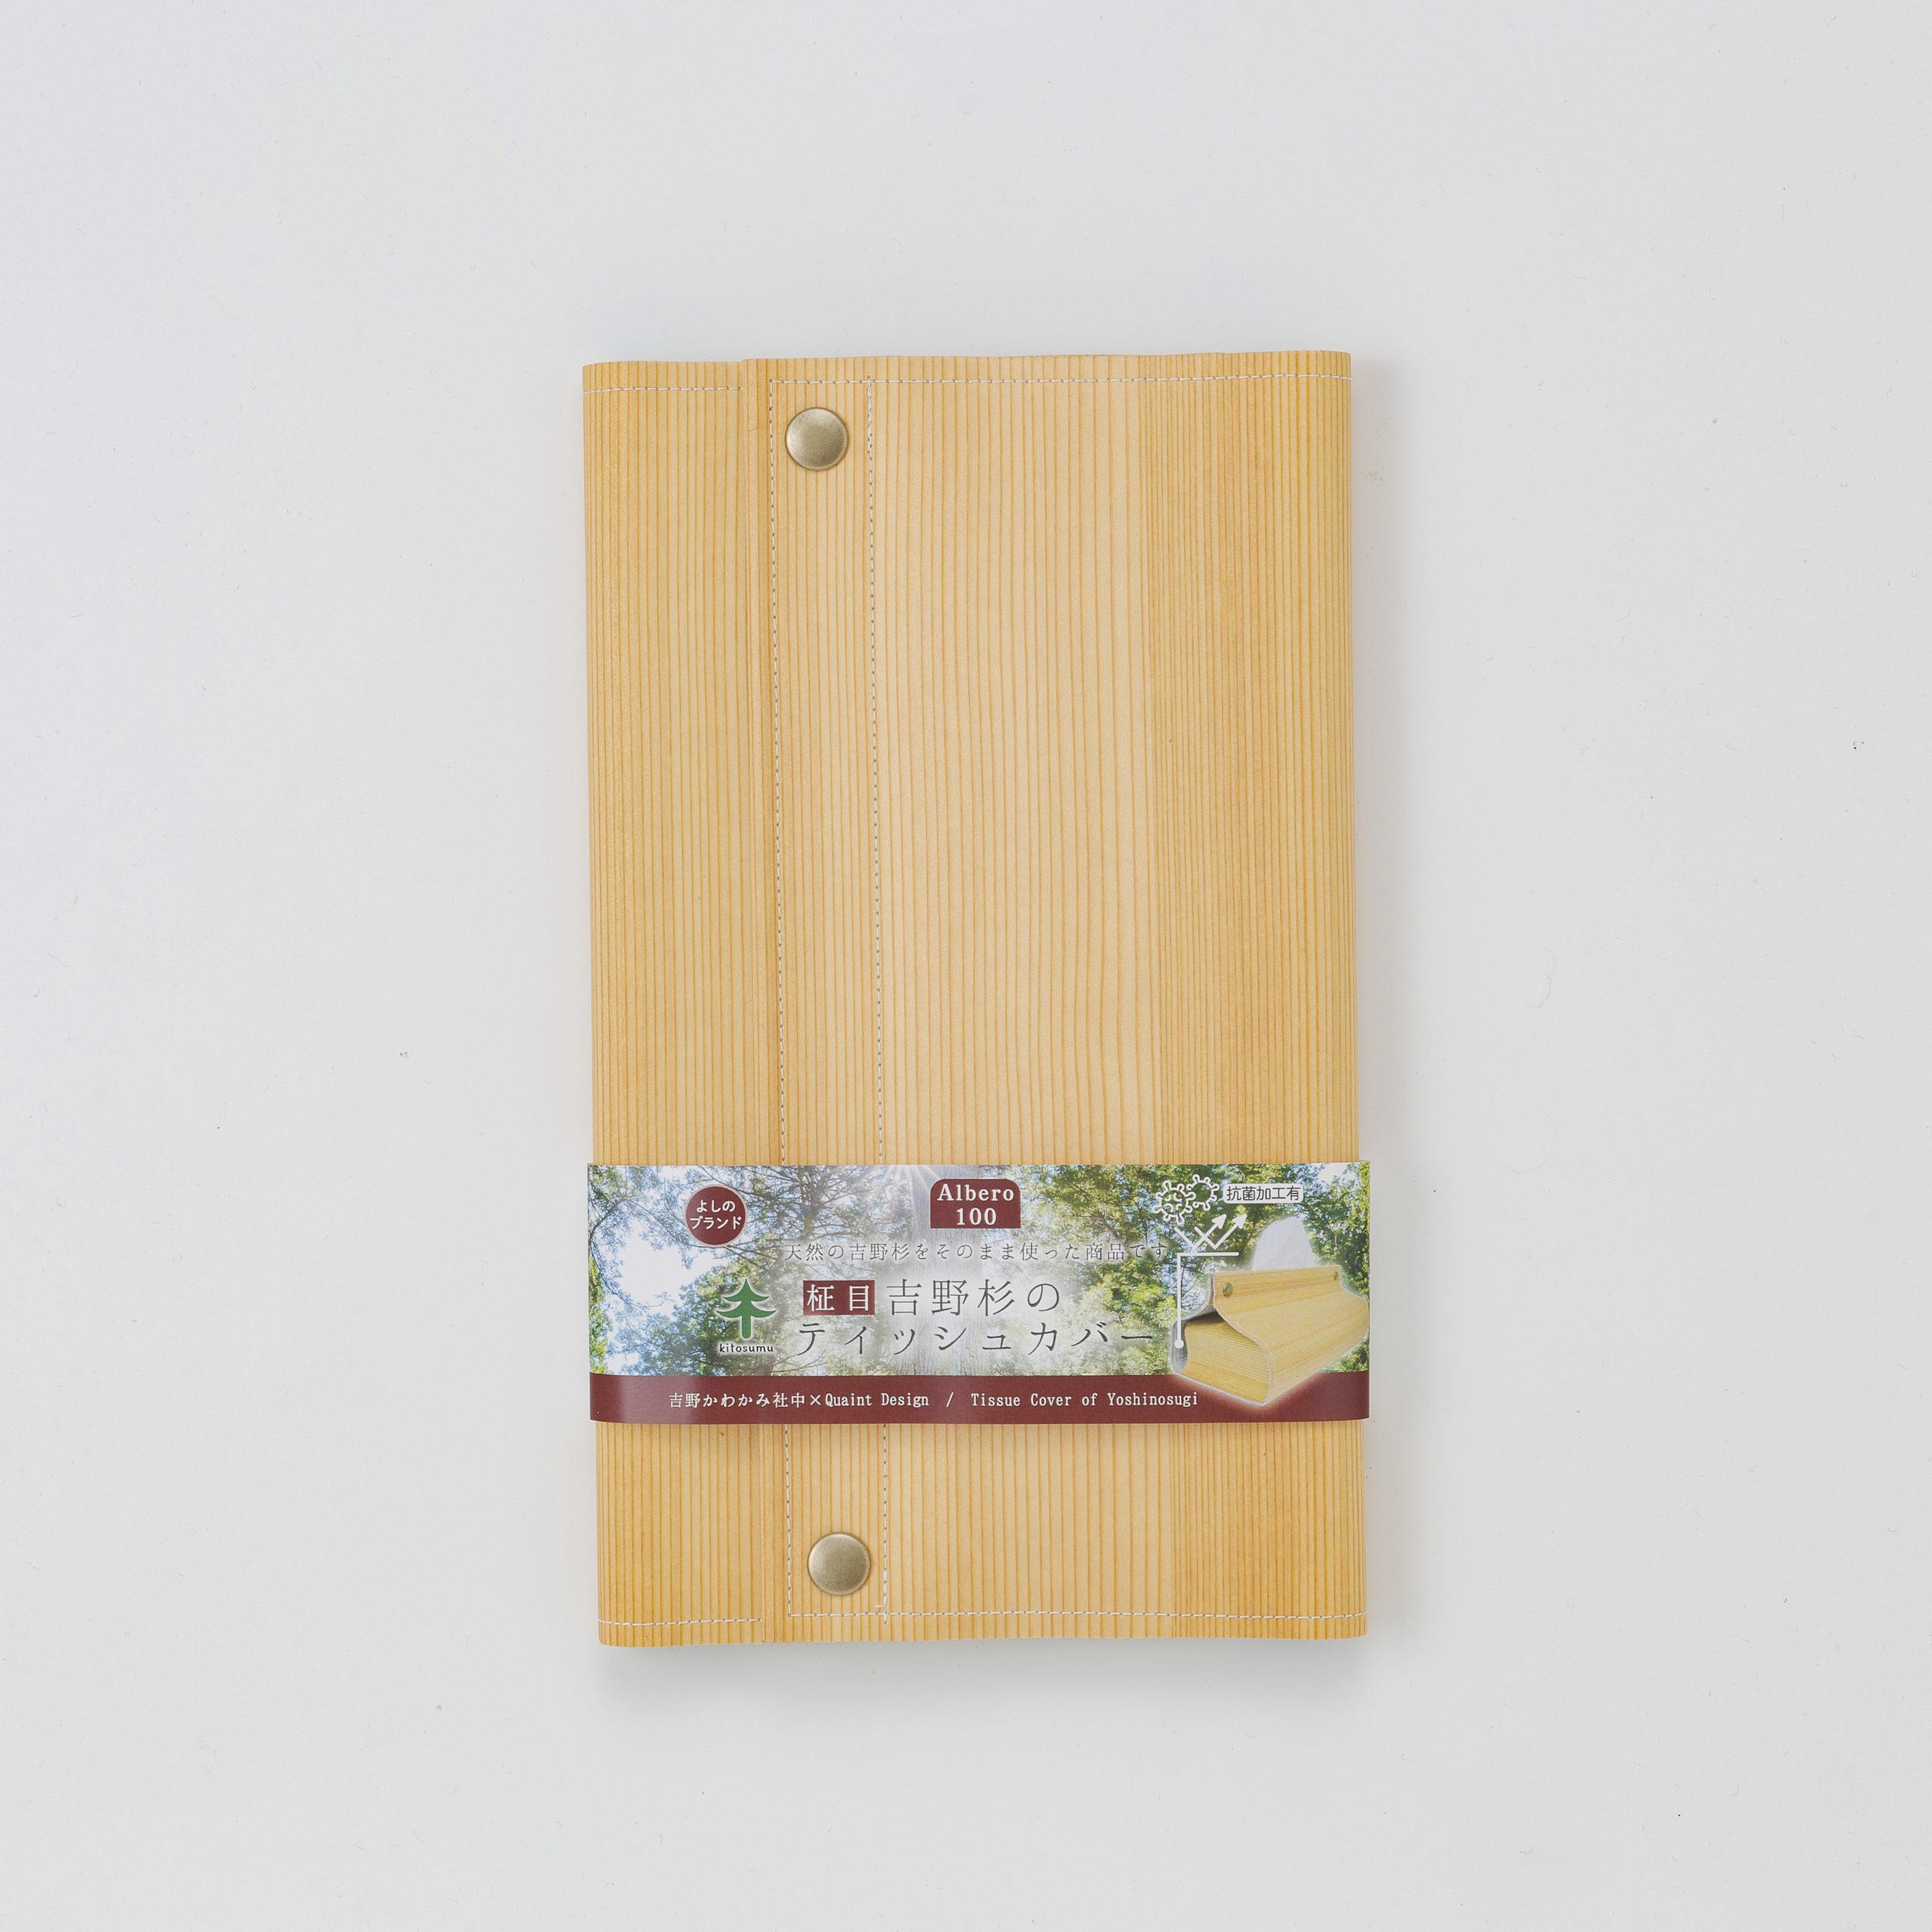 吉野杉のティッシュカバー・柾目_正面表